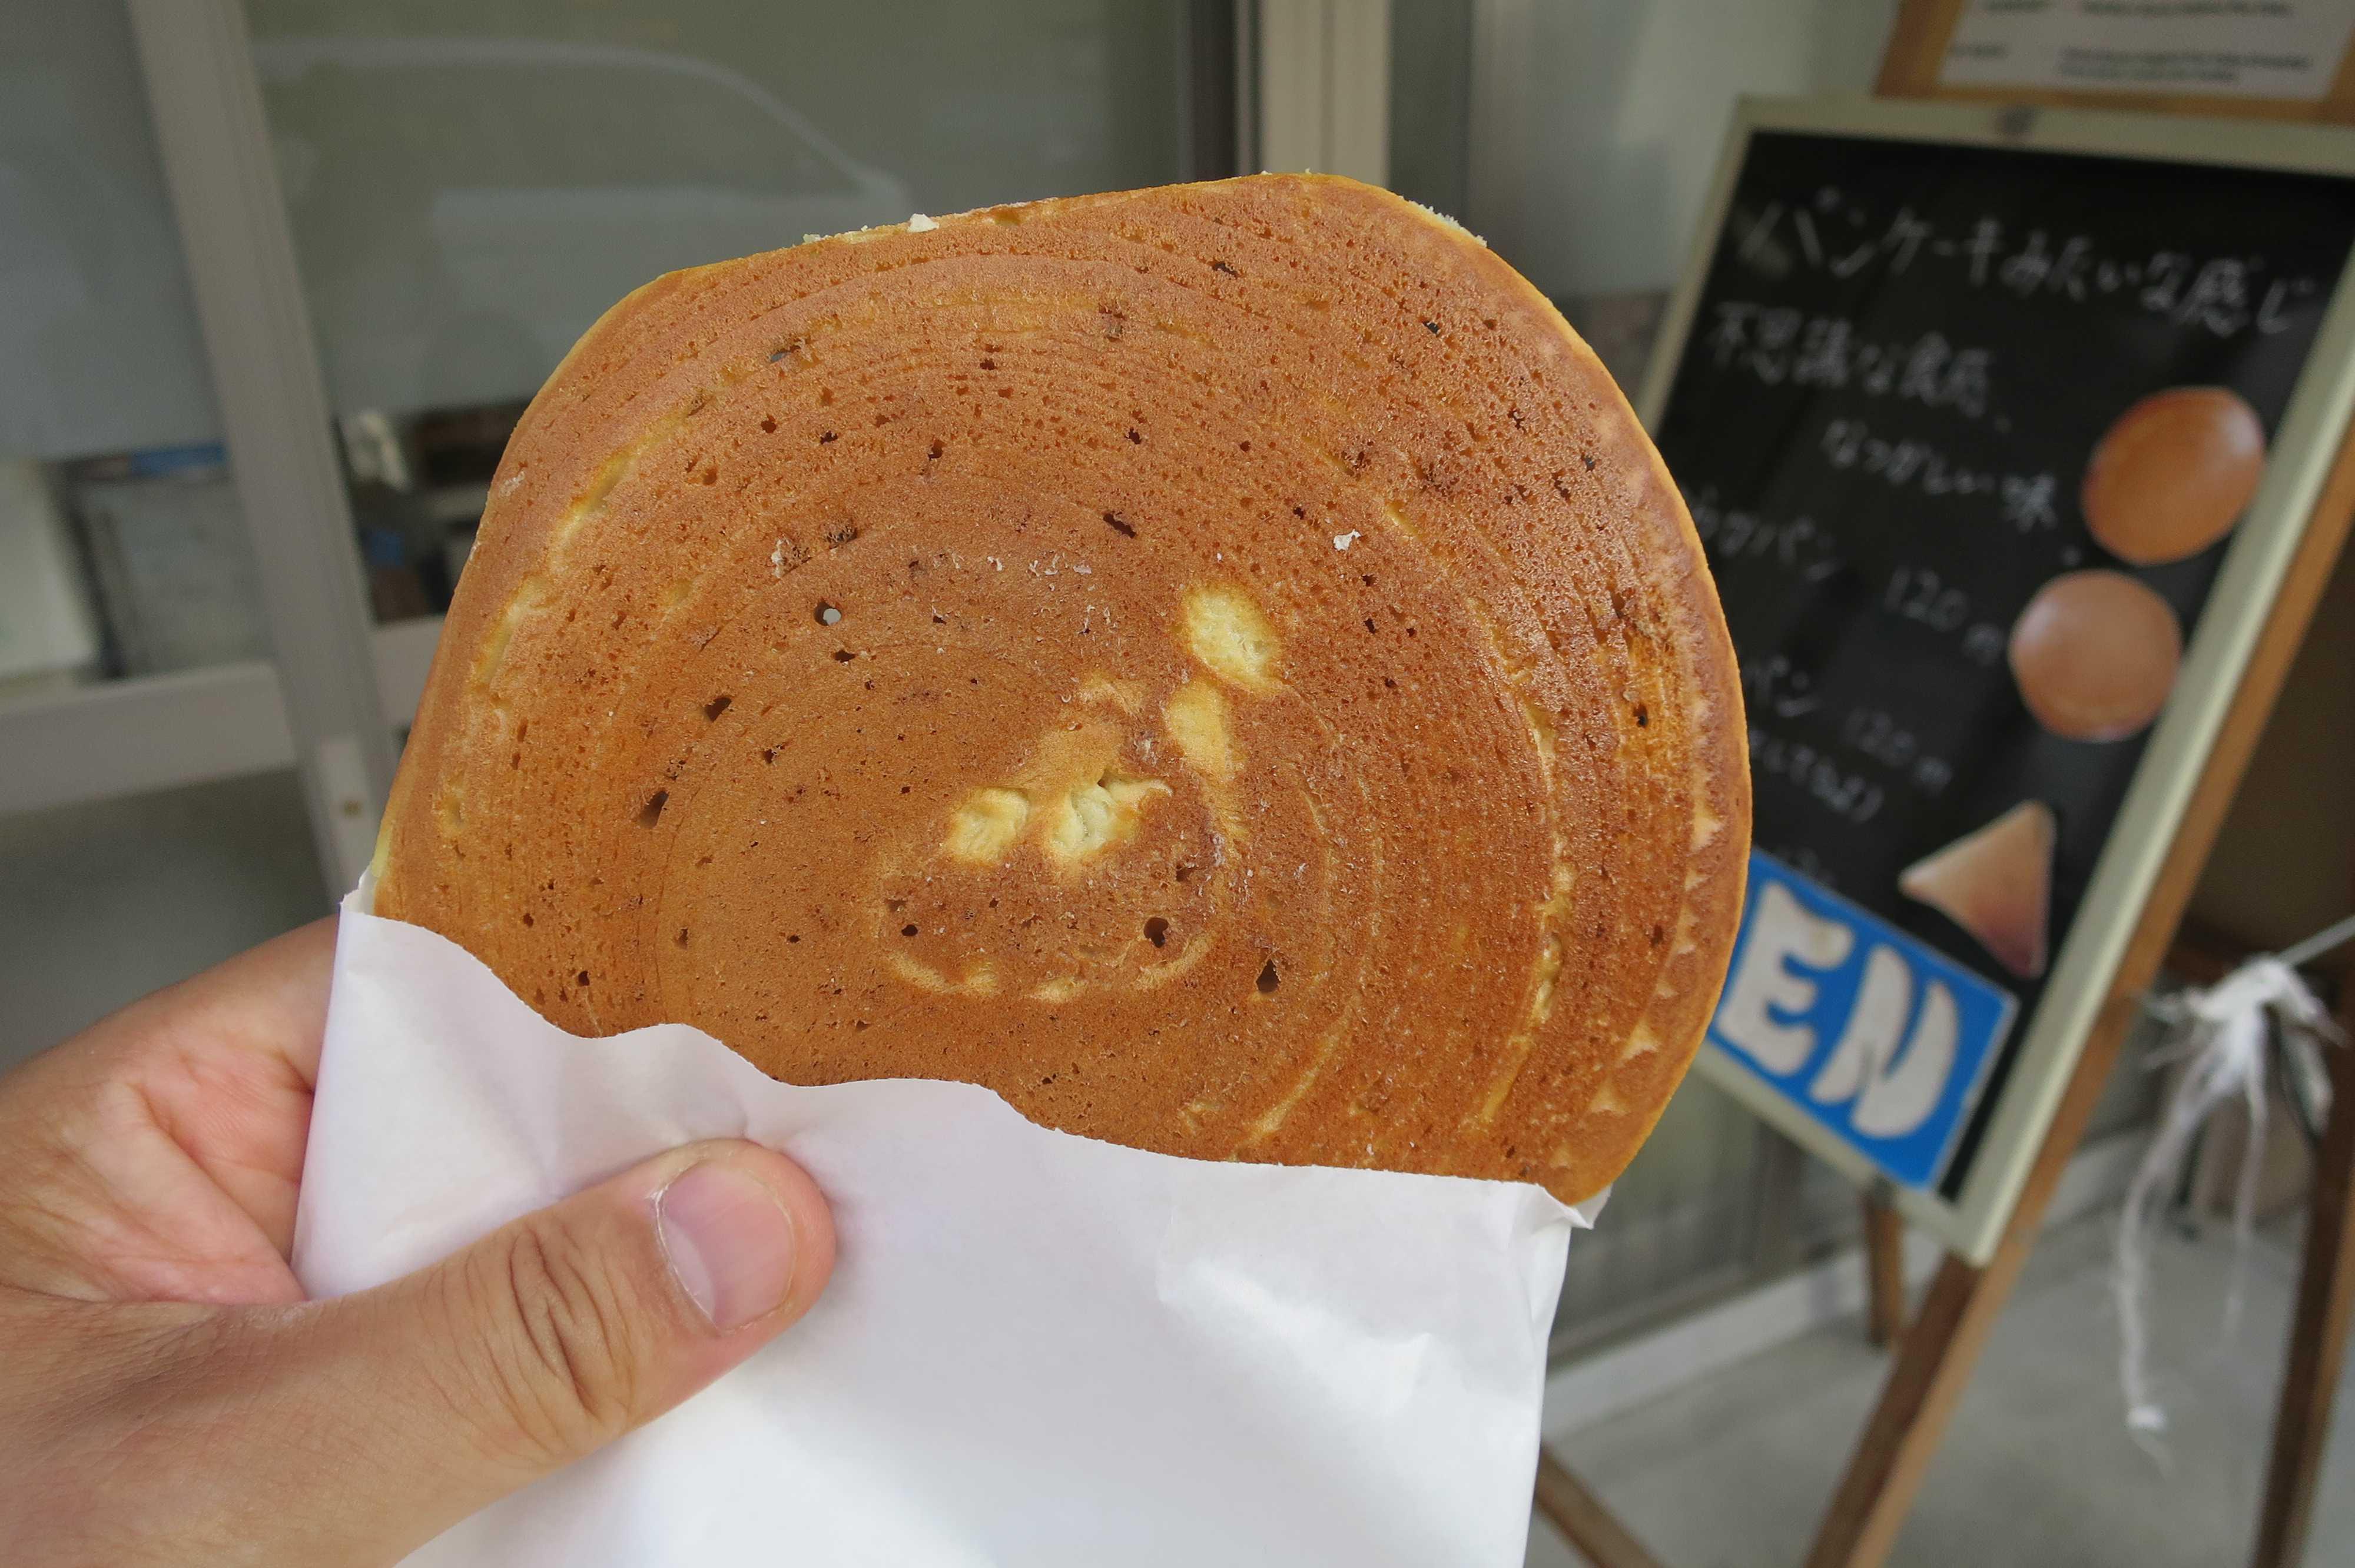 京都・山王地区 - カタパンの「やらかパン」